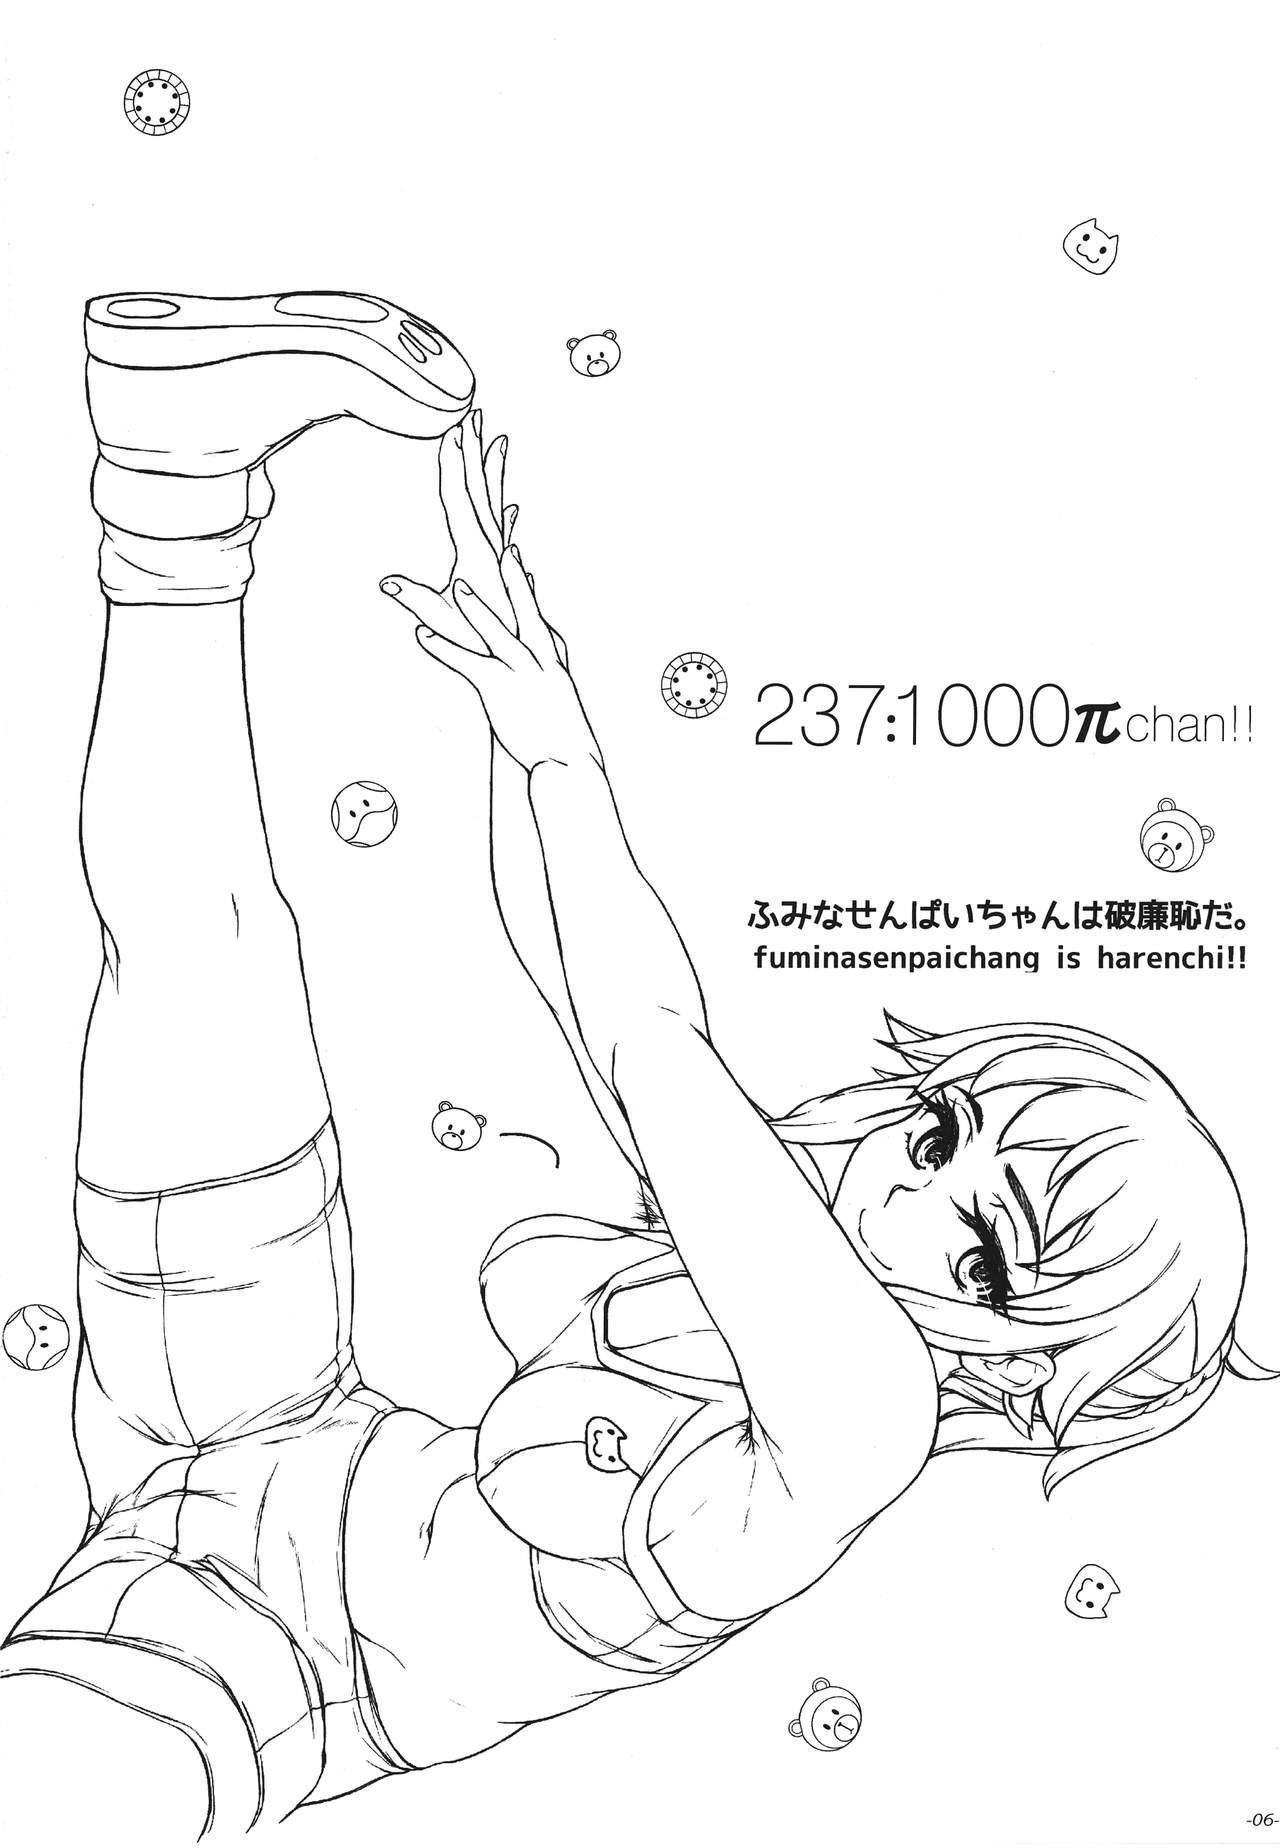 237:1000πchan!! 6